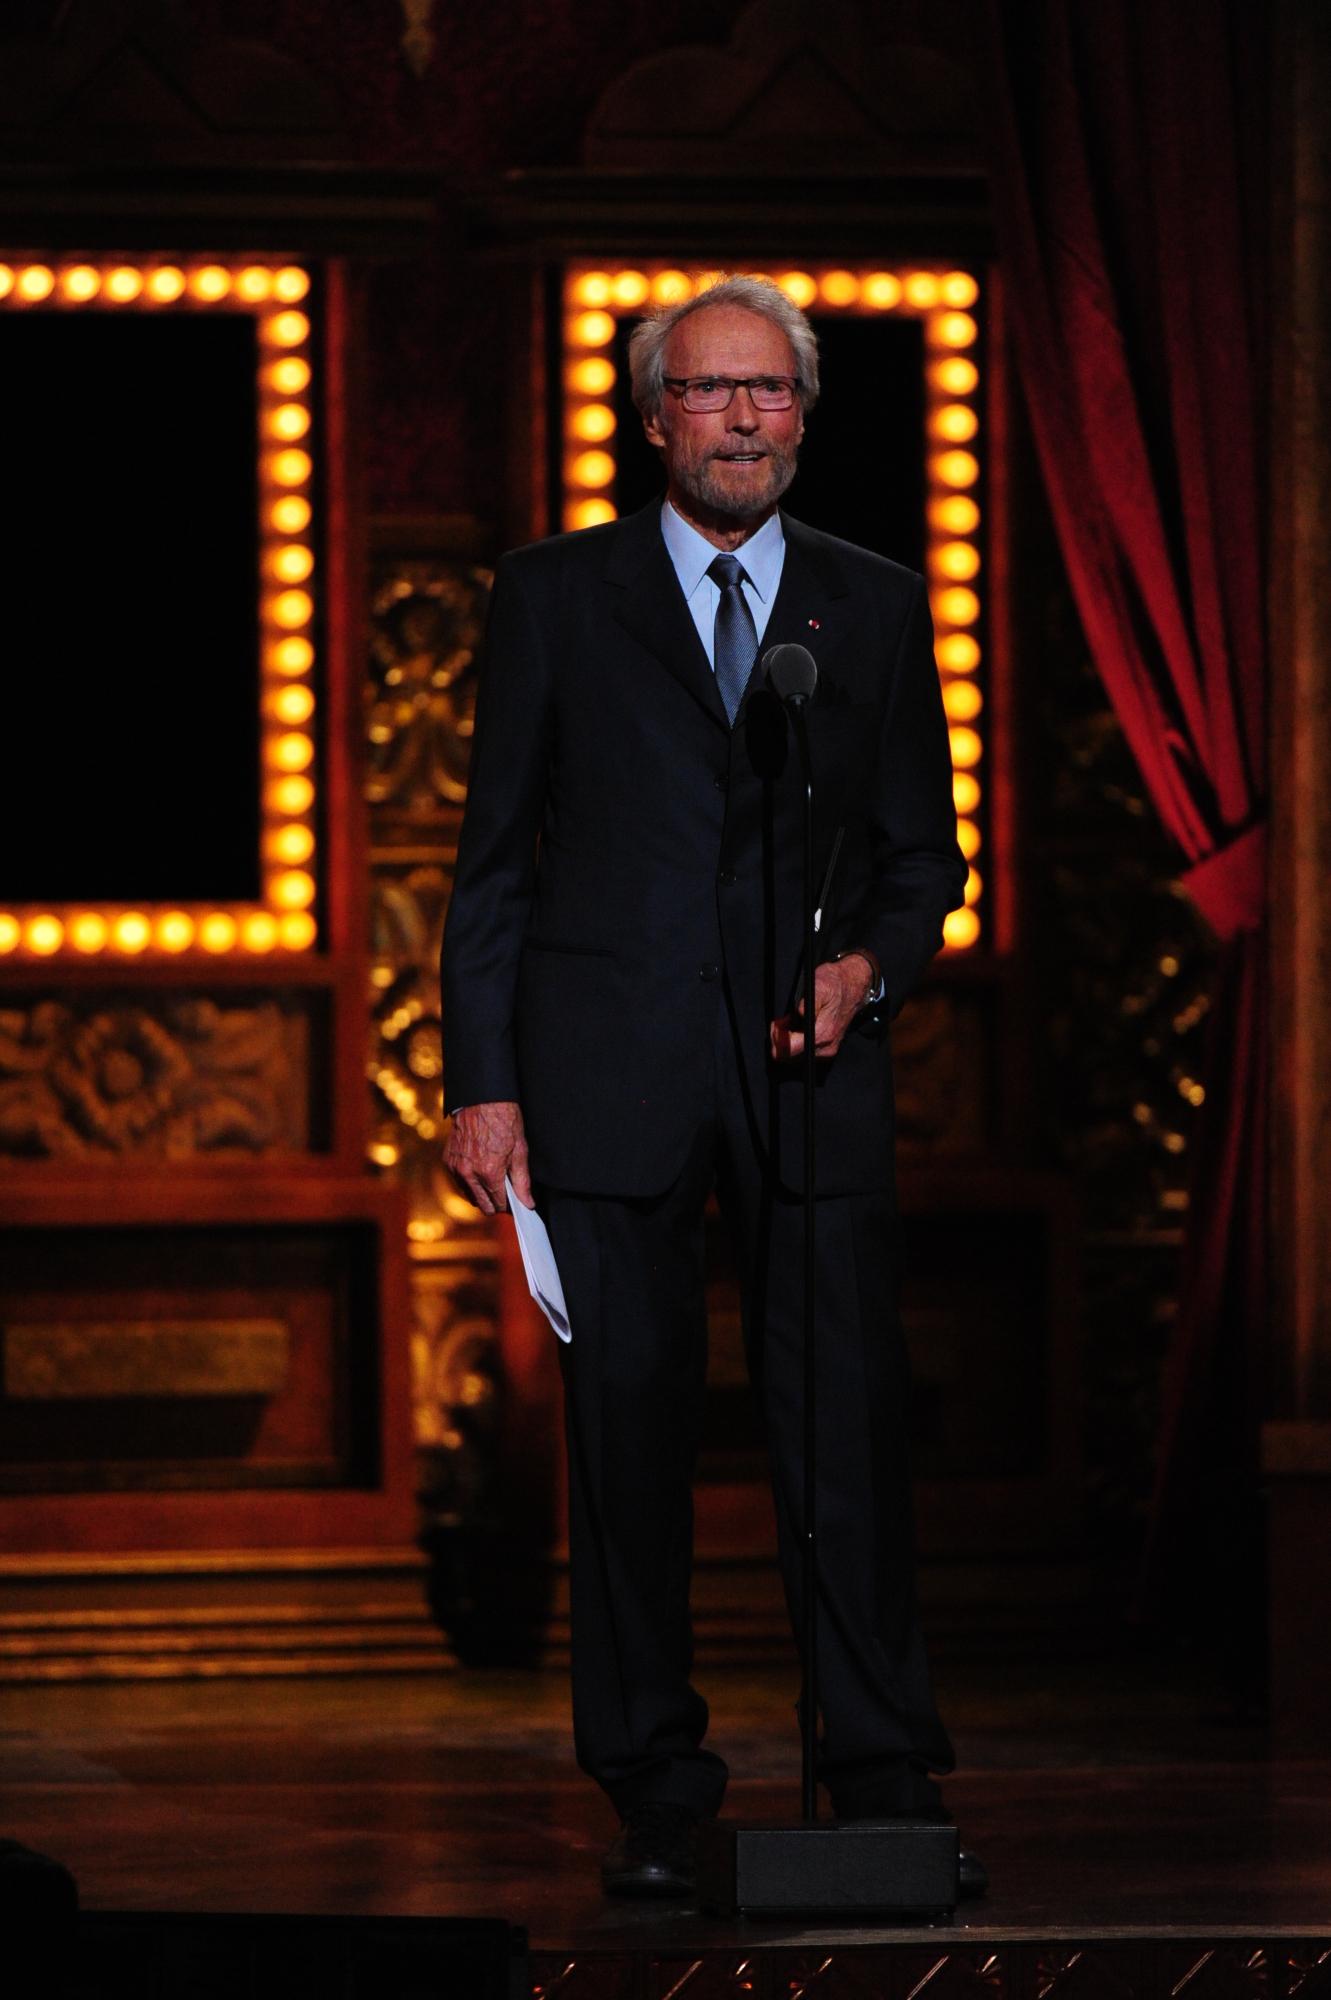 Clint Eastwood - 2014 Tony Awards